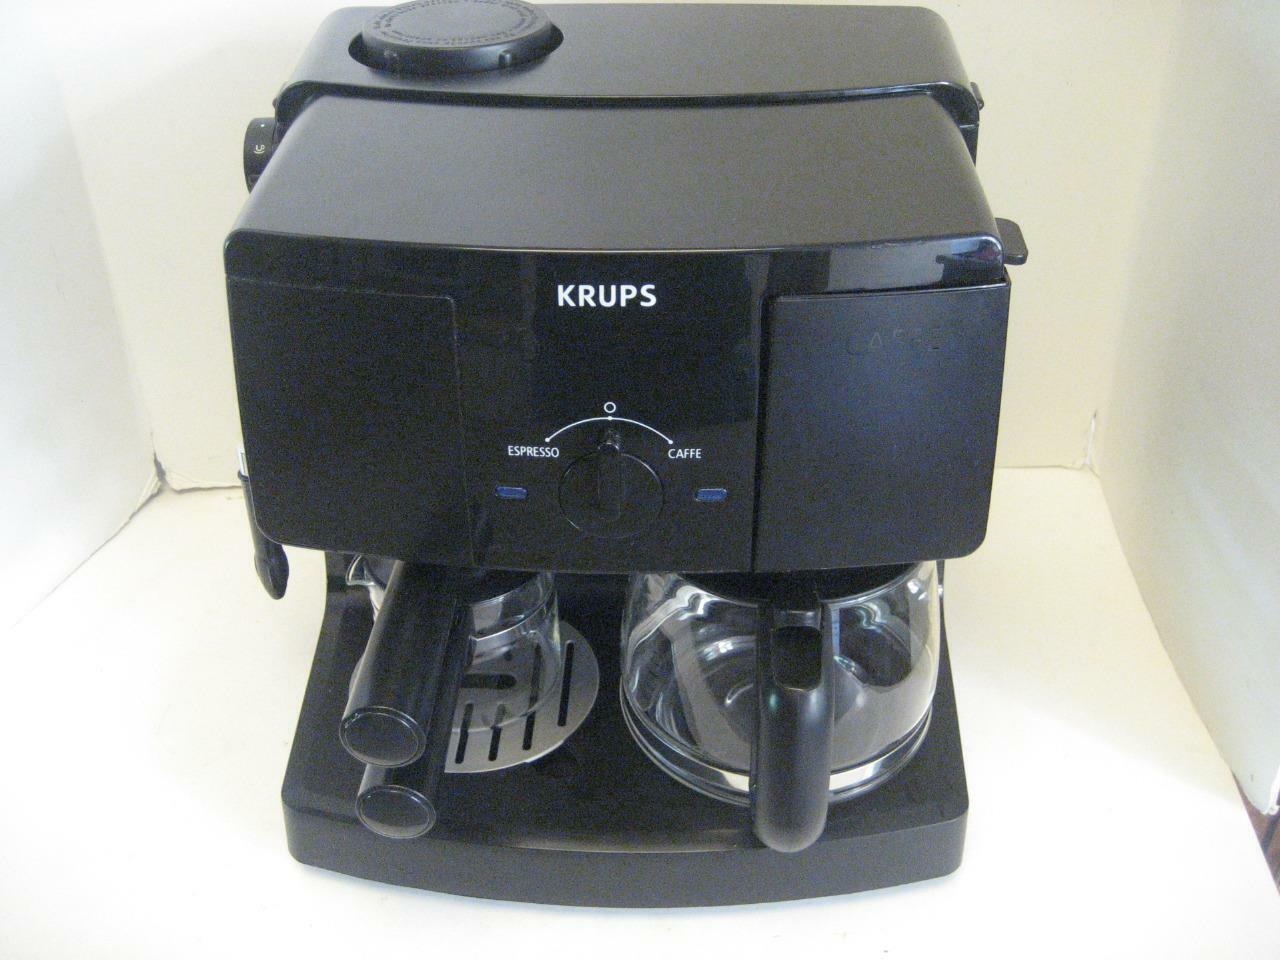 Krups XP1500 10 tasses Combinaison Café Espresso Cappuccino Latte Maker Noir